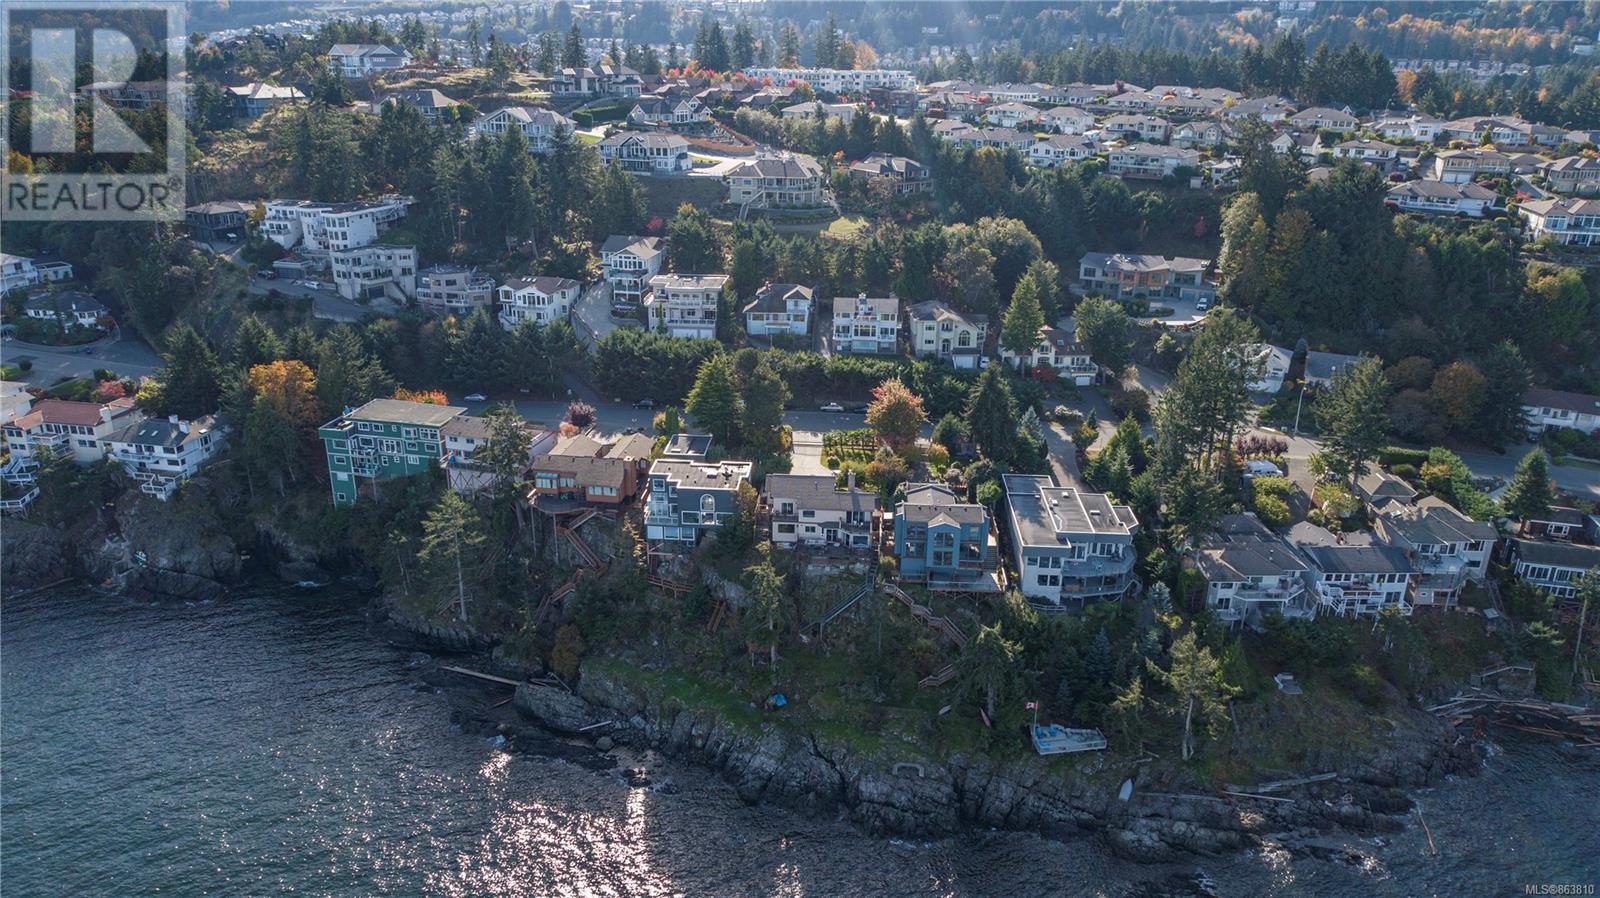 4942 Fillinger Cres, Nanaimo, British Columbia  V9V 1H9 - Photo 2 - 863810